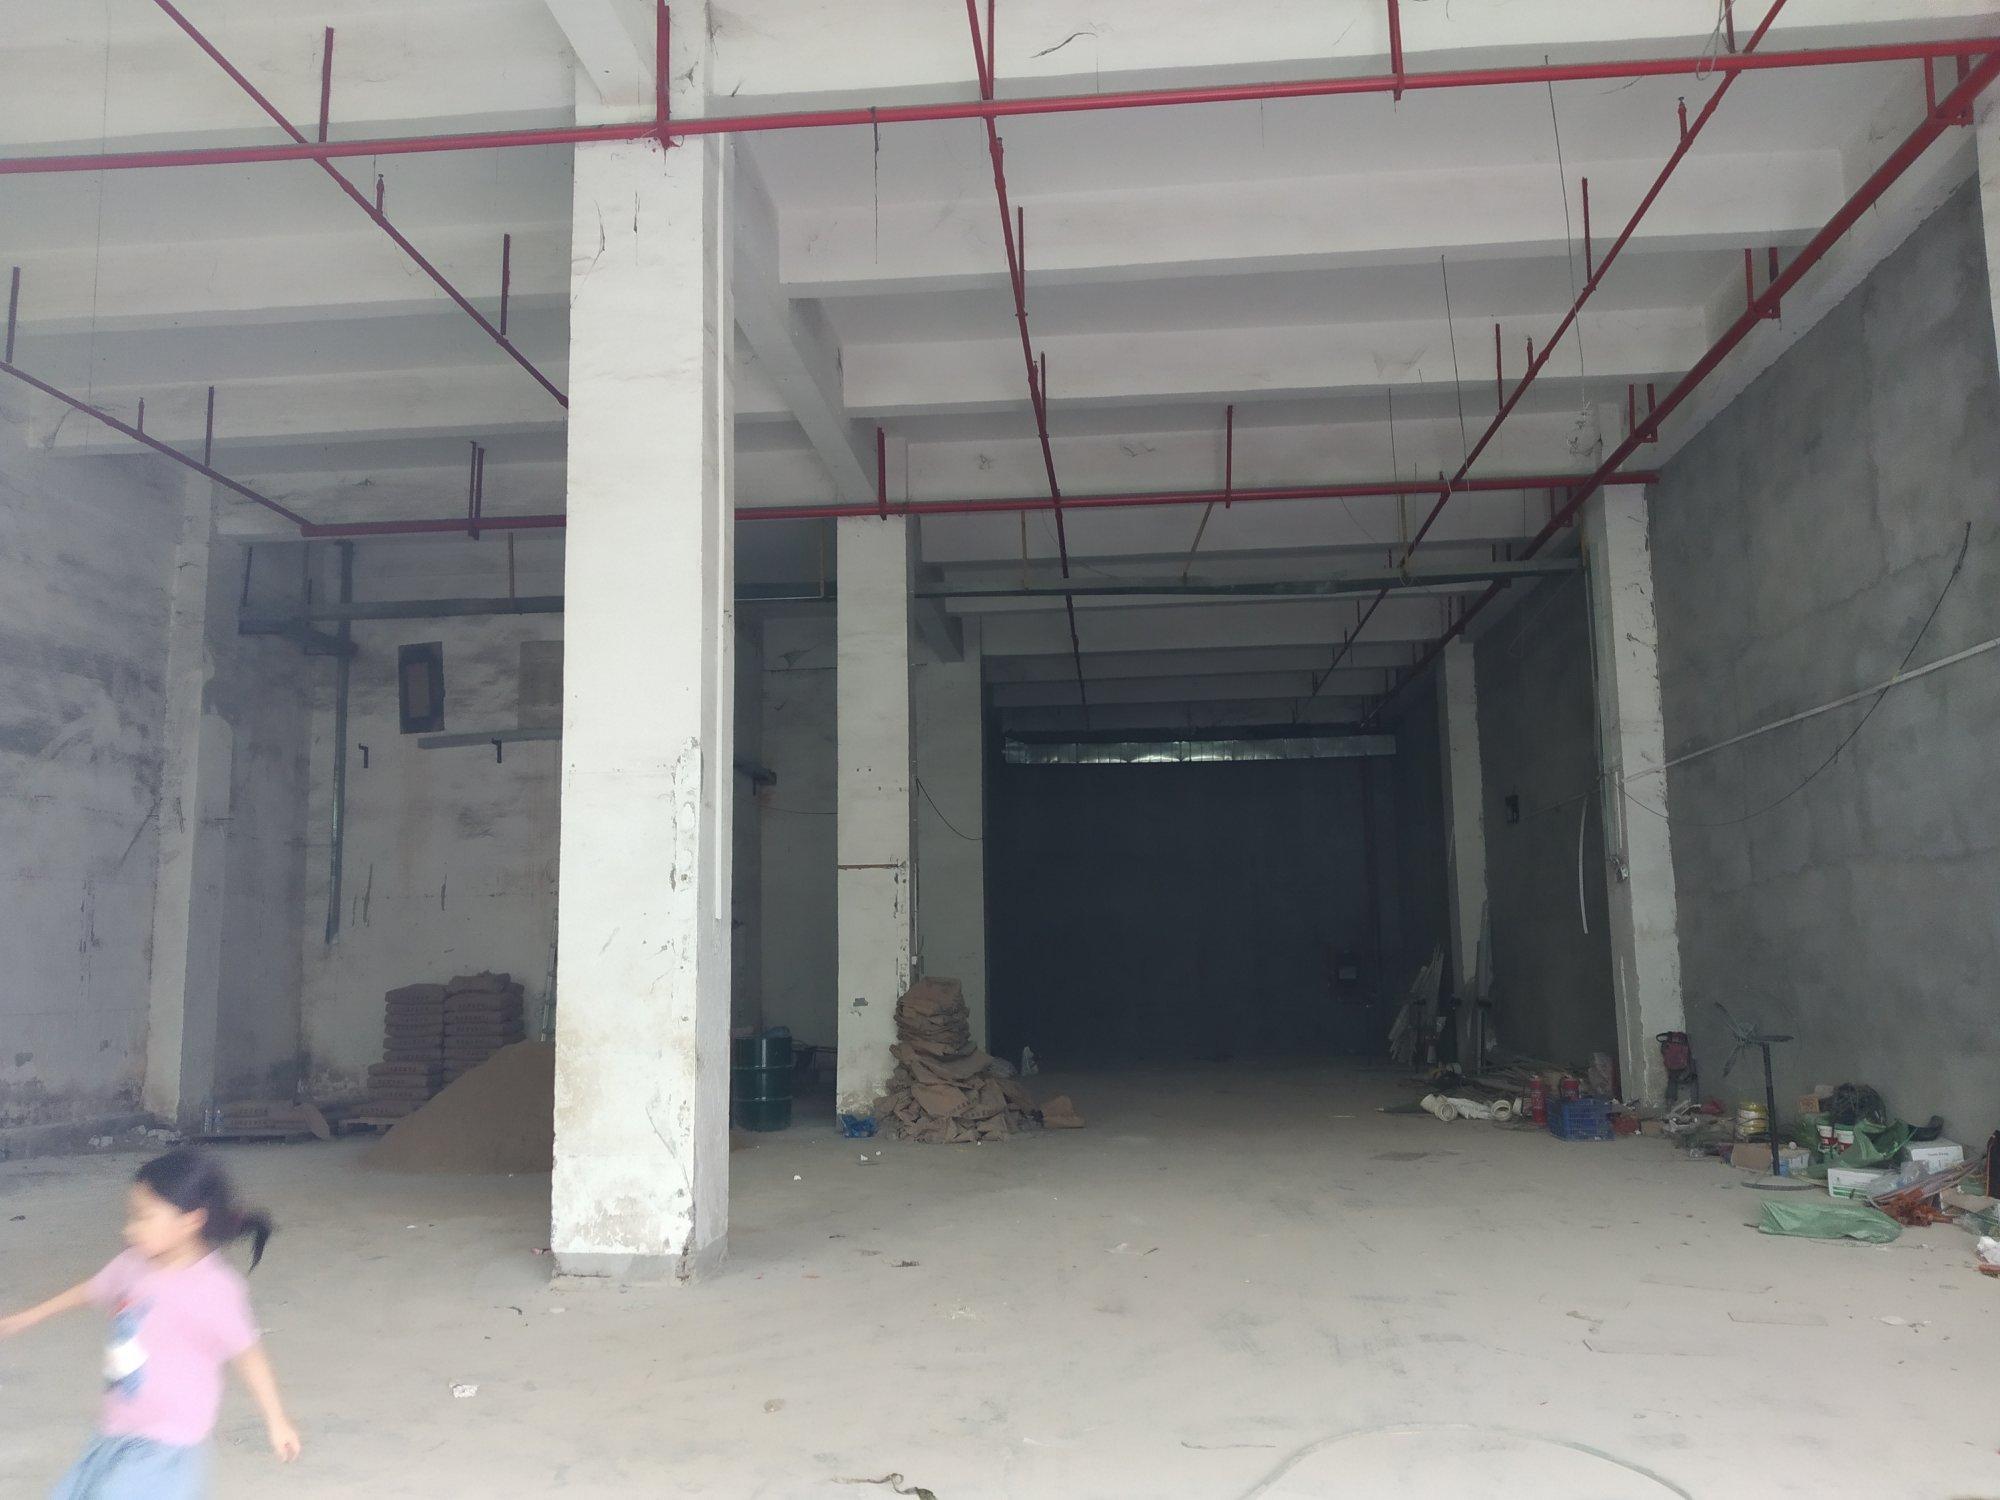 龙华新出独栋原房东厂房一楼层高8米,有消防喷淋适合仓库